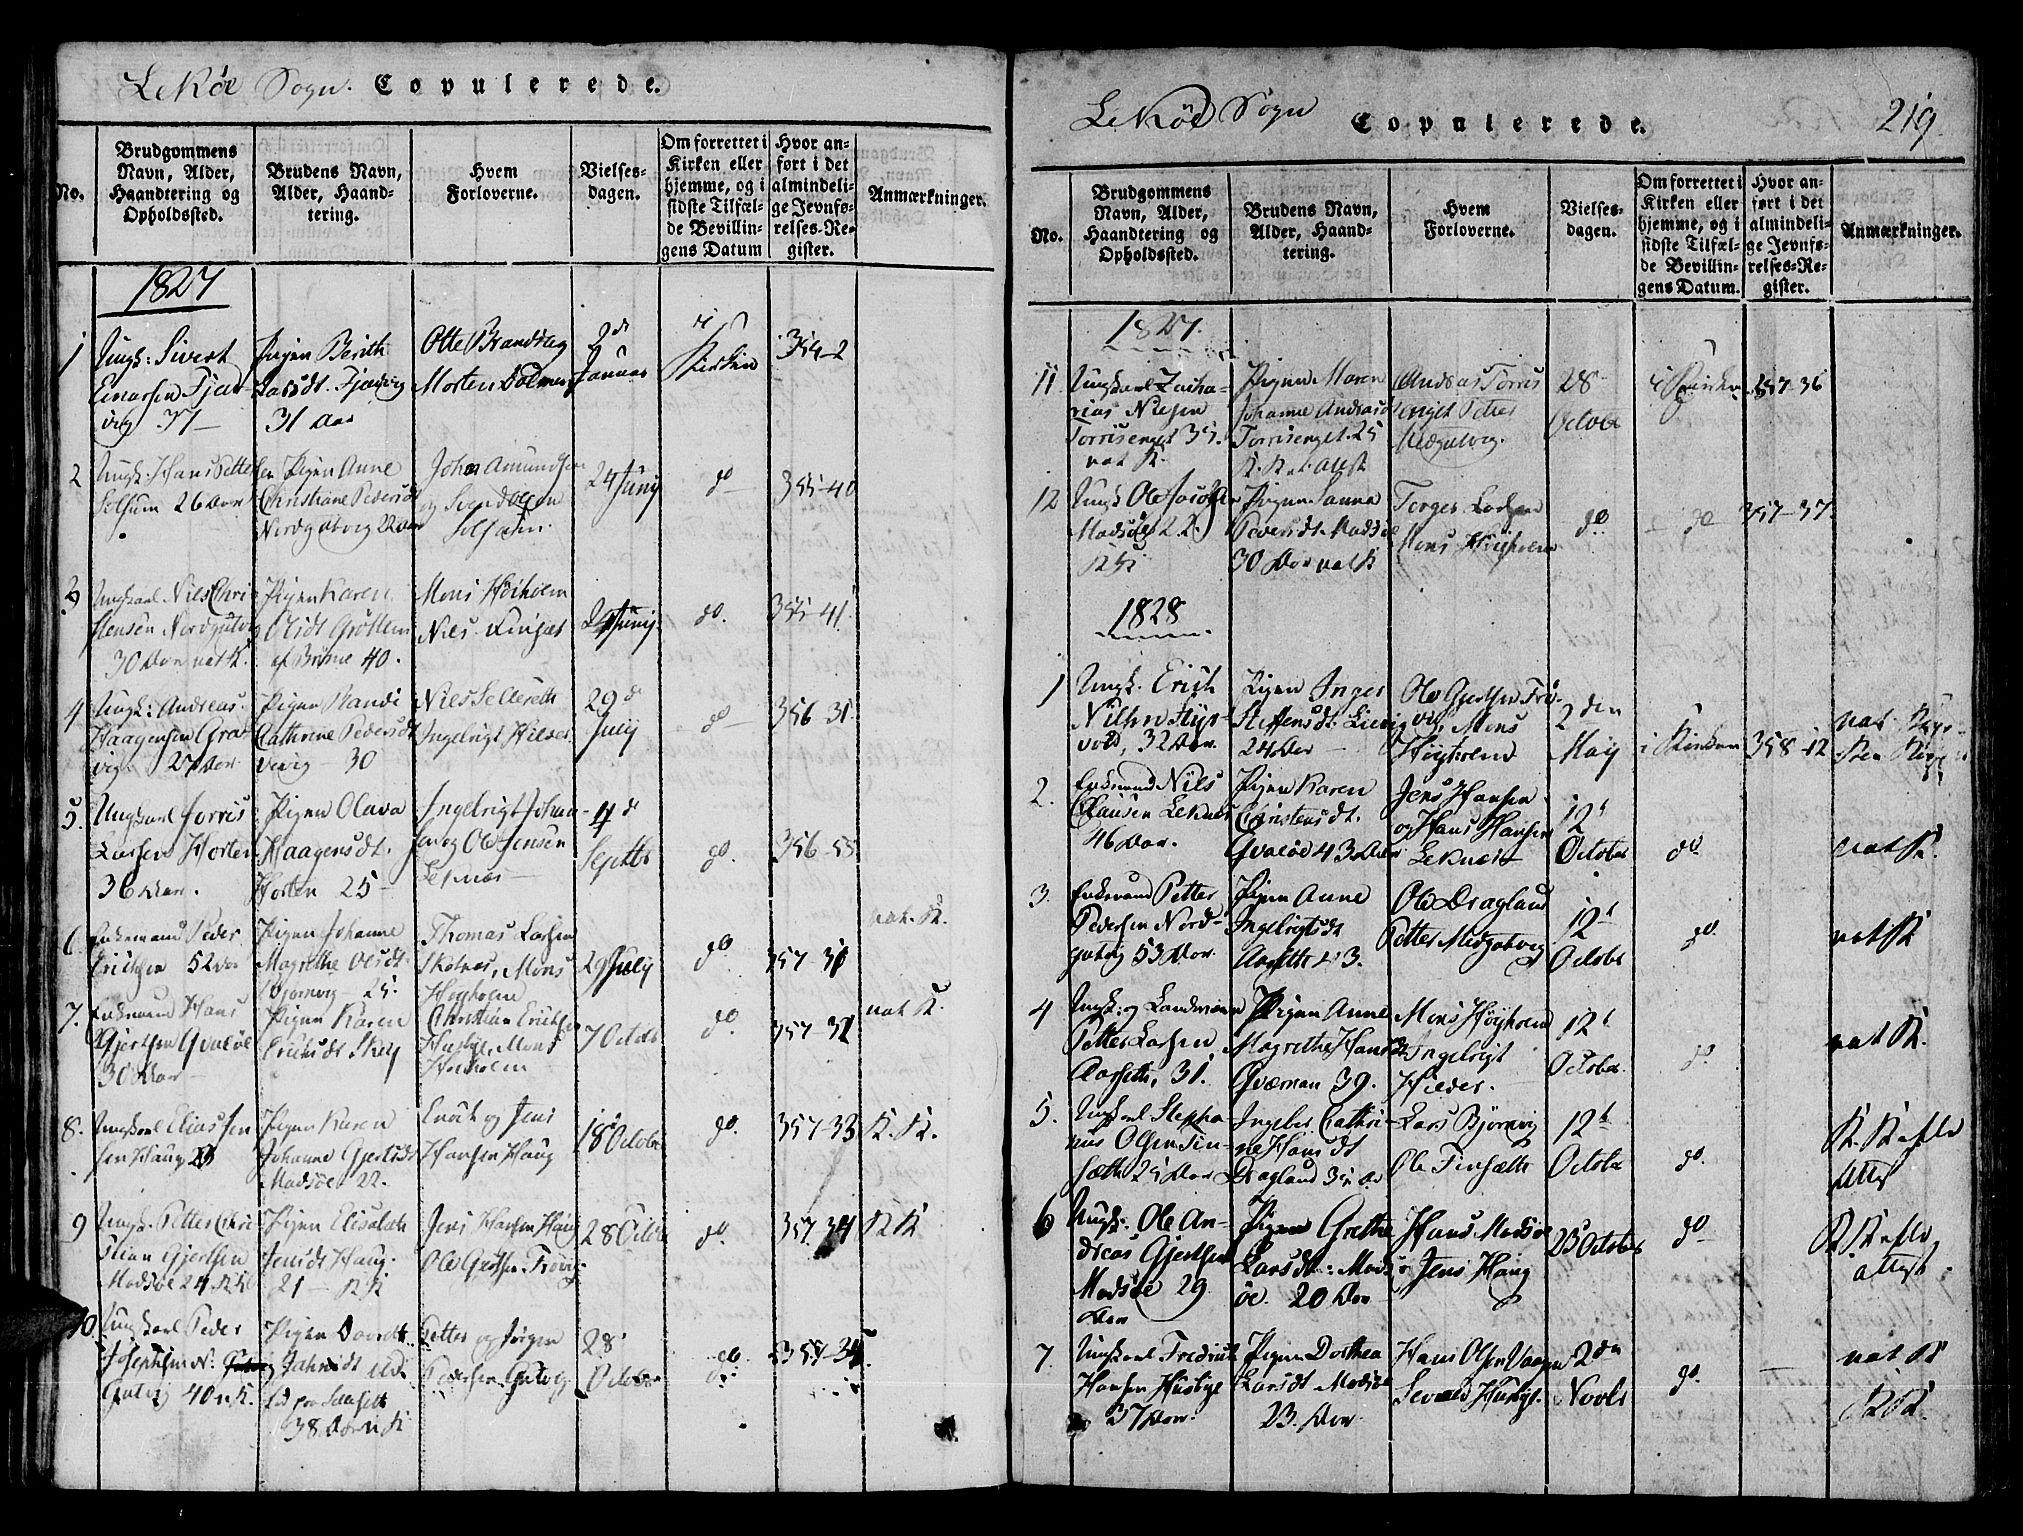 SAT, Ministerialprotokoller, klokkerbøker og fødselsregistre - Nord-Trøndelag, 780/L0636: Ministerialbok nr. 780A03 /2, 1815-1829, s. 219